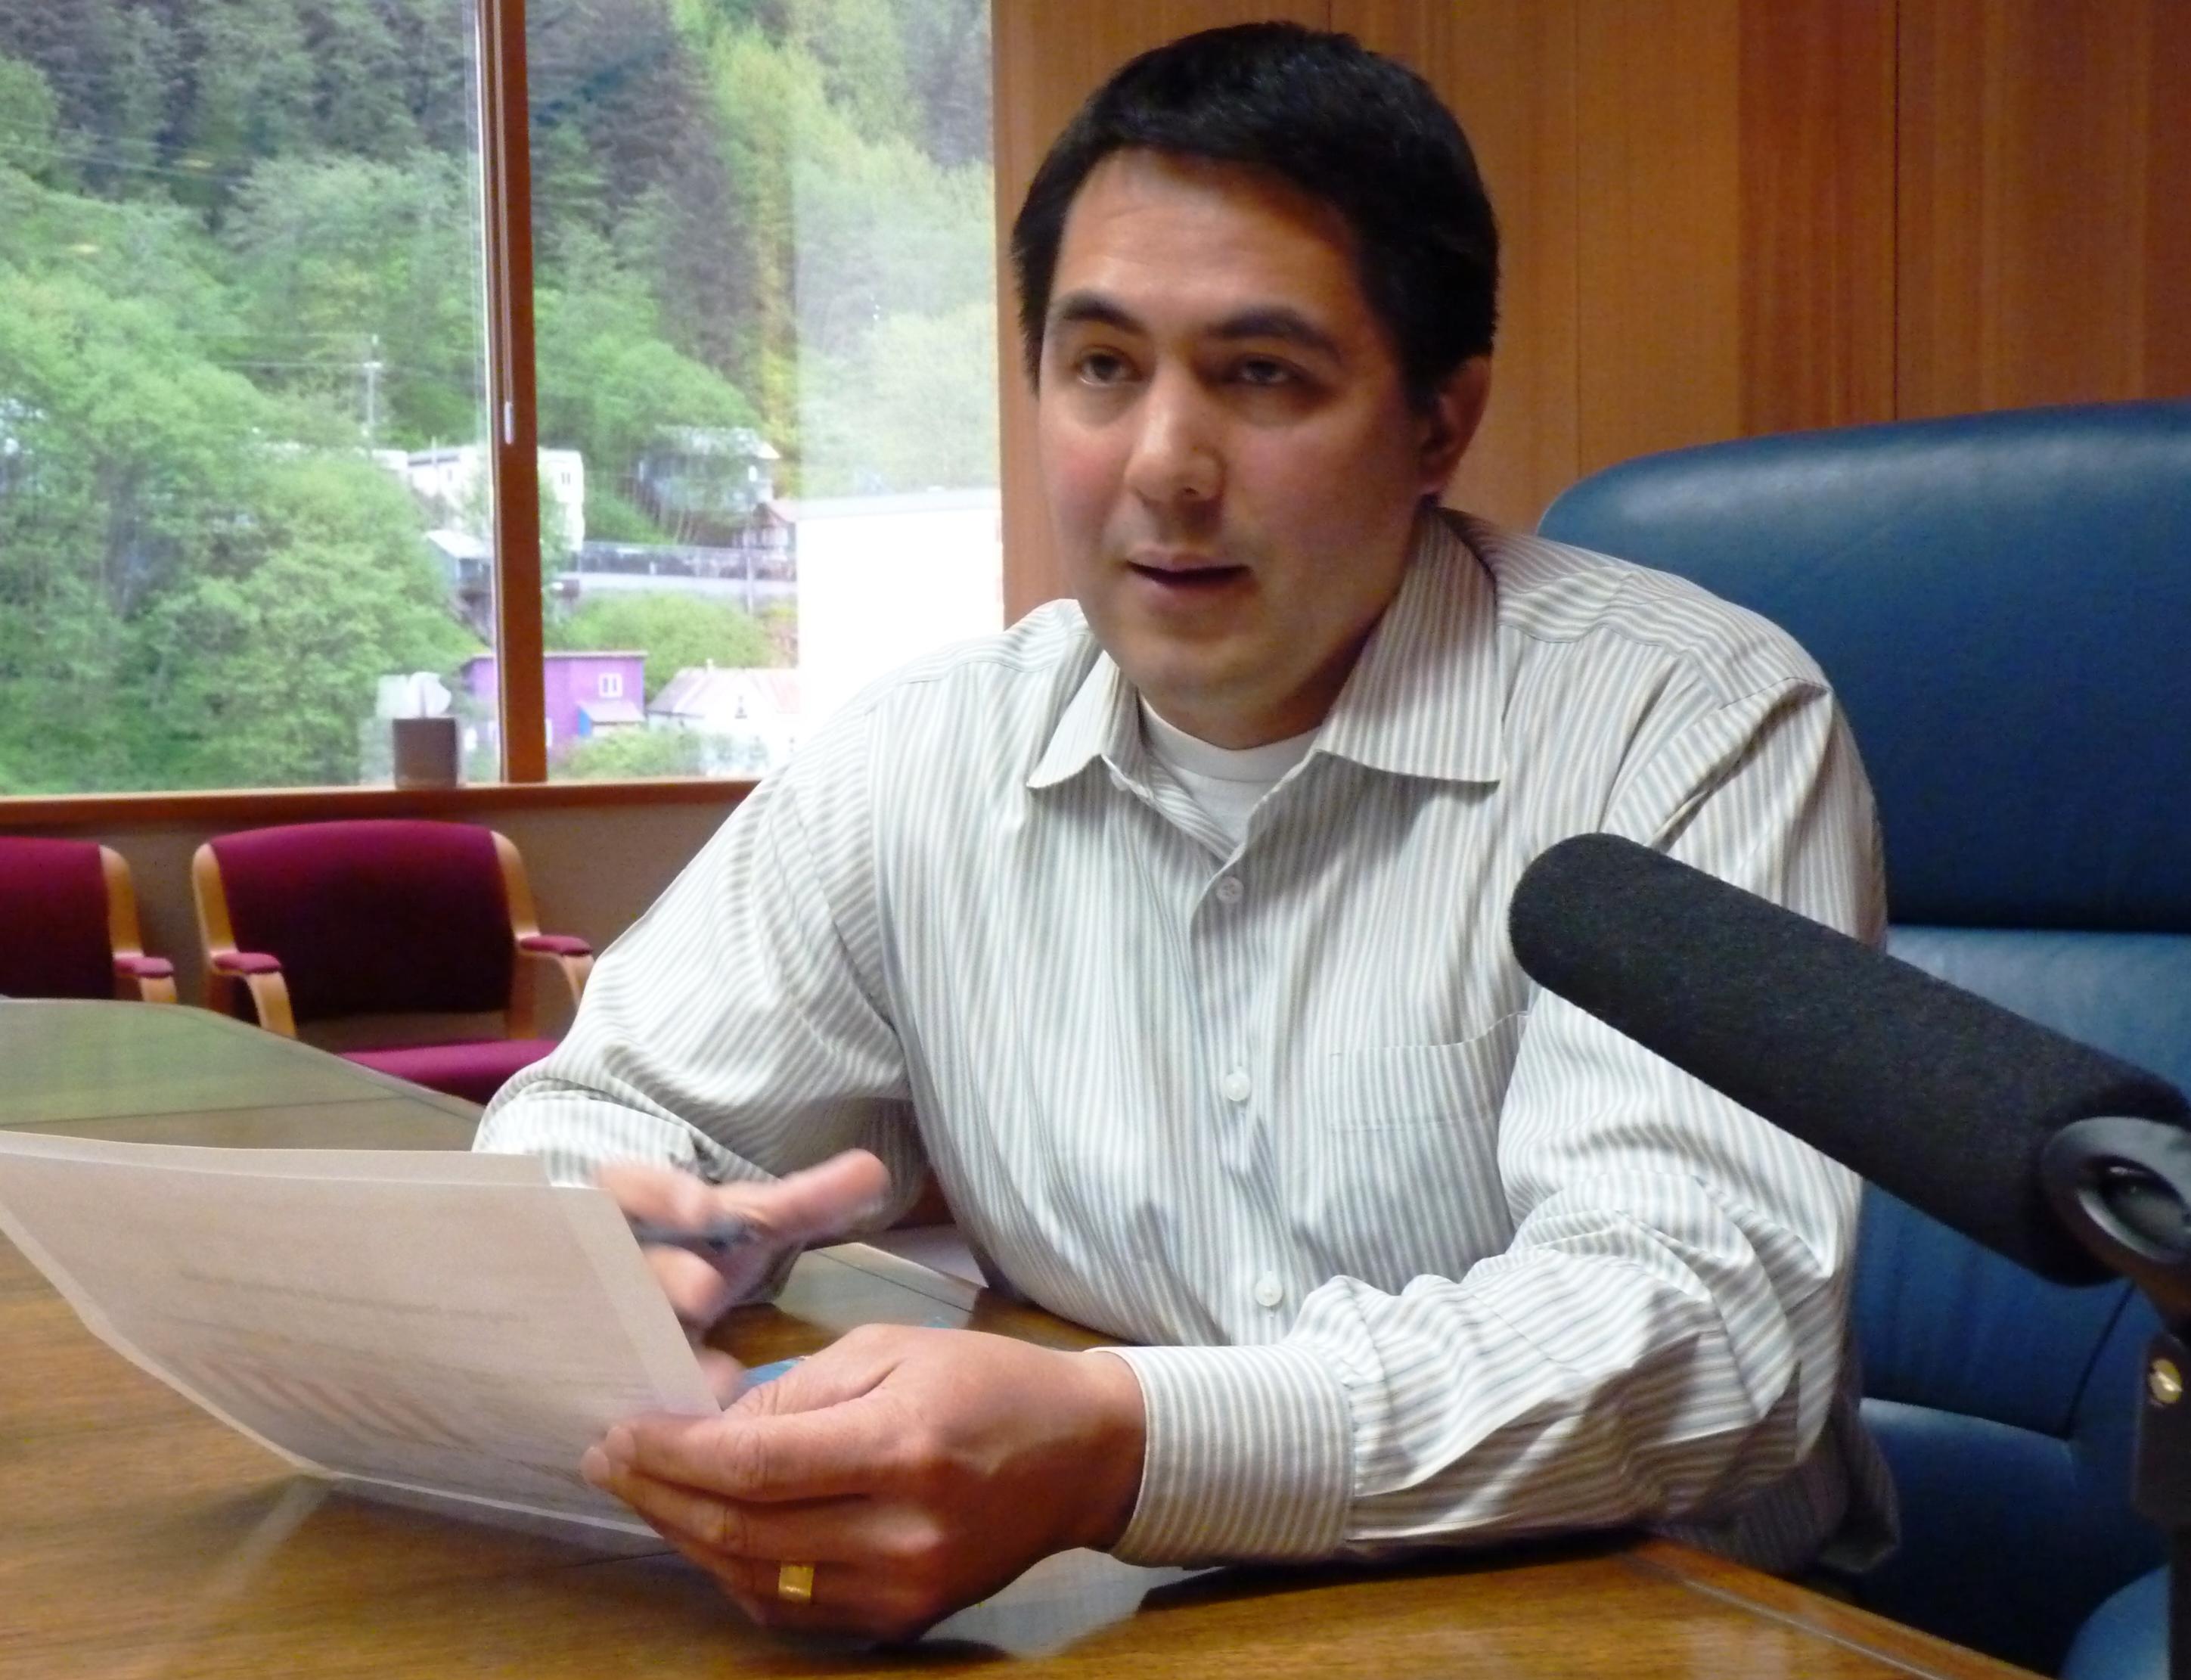 Sealaska CEO Anthony Mallott discusses the regional Native corporation's finances May 2, 2016, (Photo by Ed Schoenfeld/CoastAlaska News)